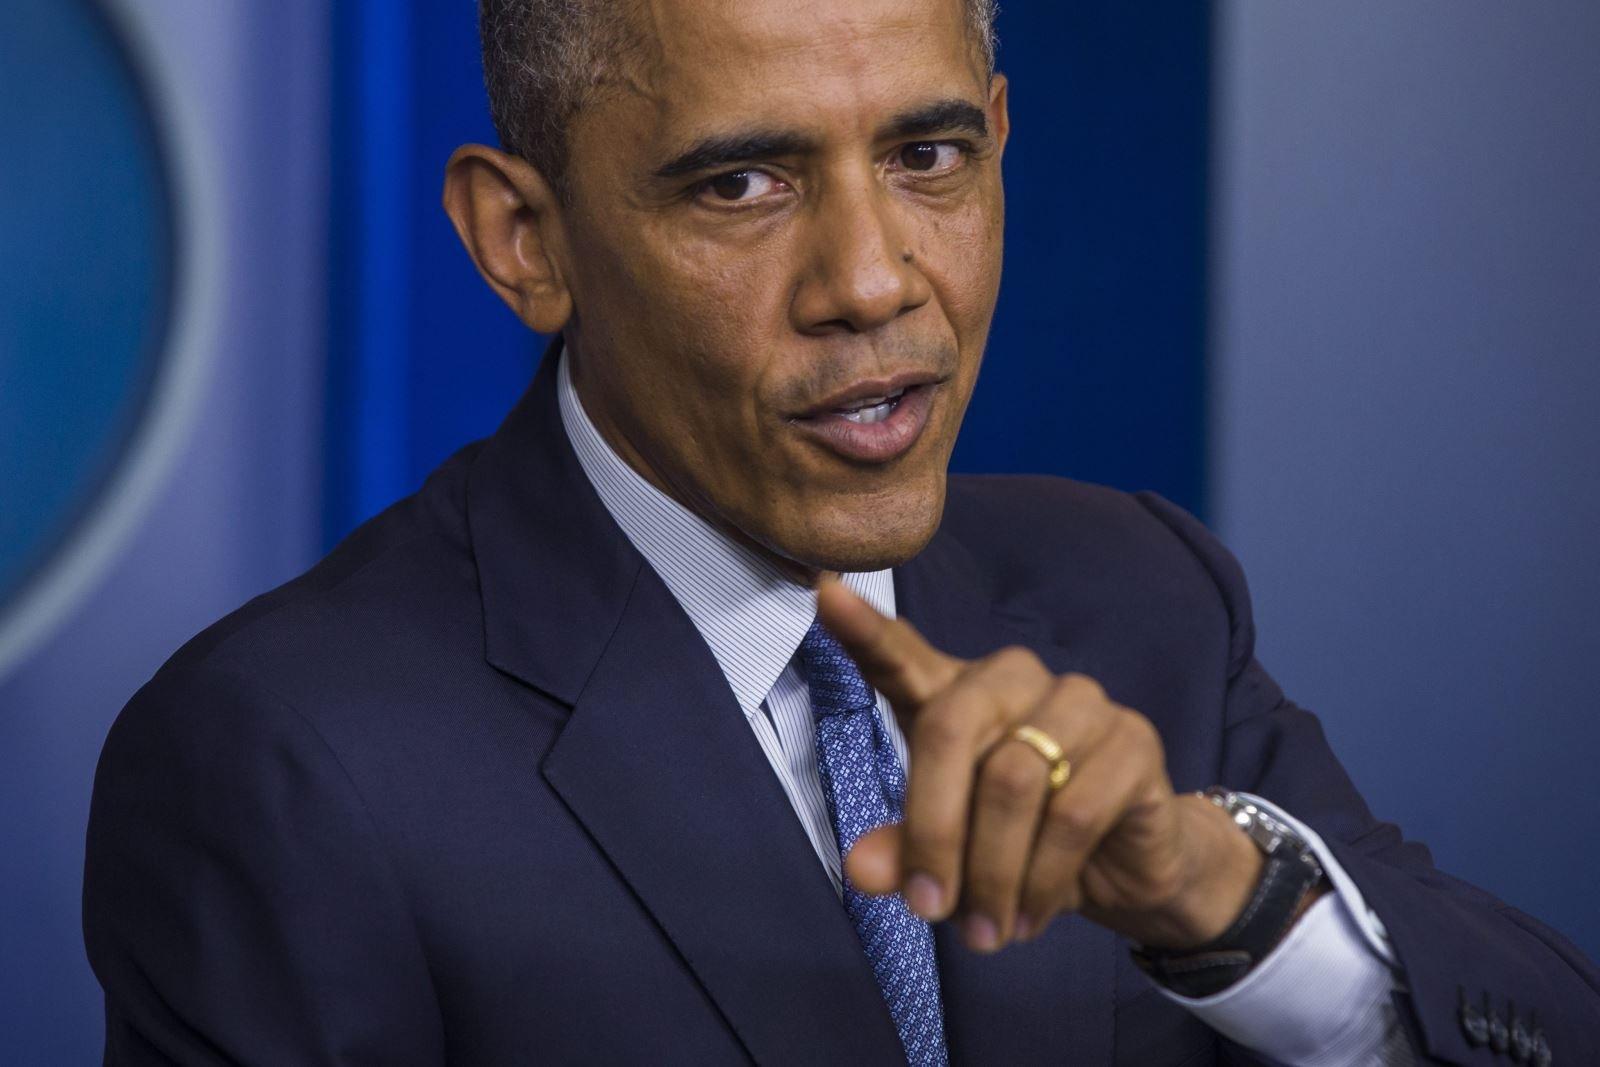 Угрожавший уничтожить Обаму гражданин США приговорен к5 годам тюрьмы